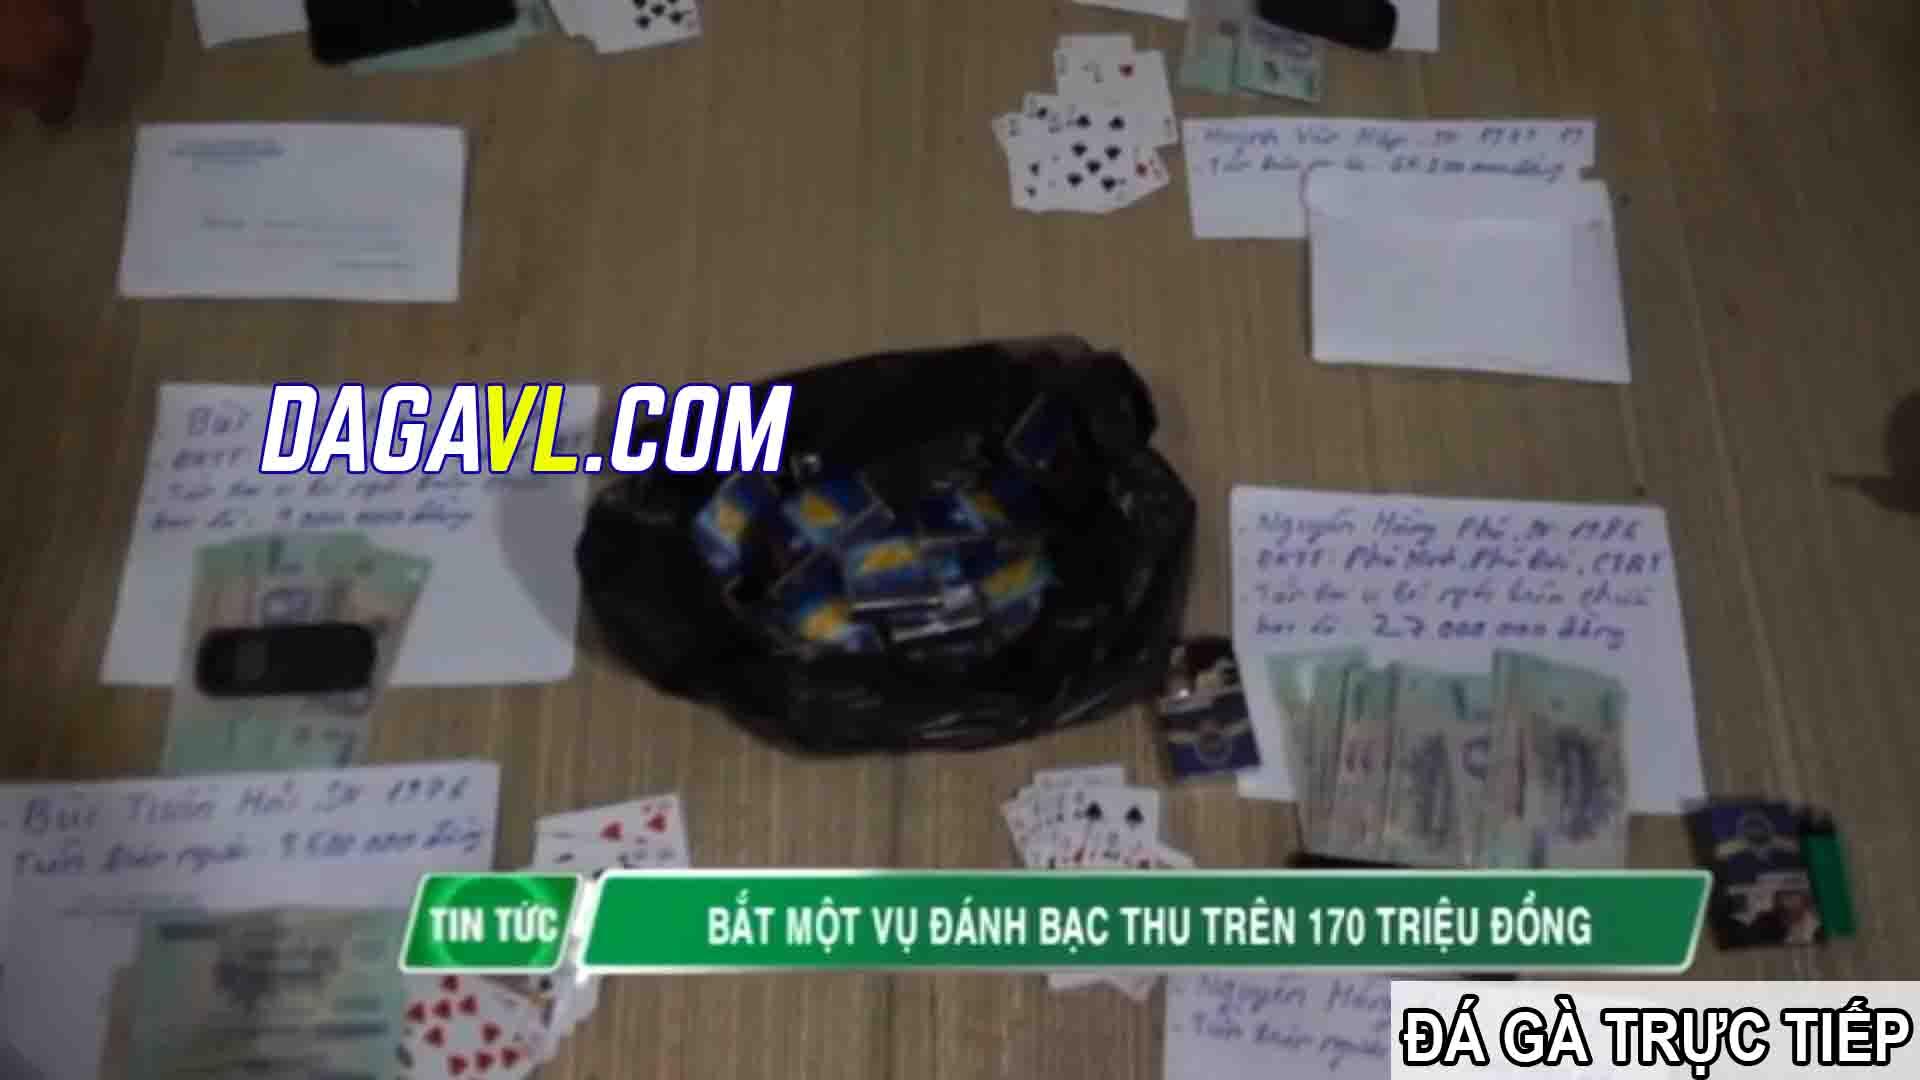 DAGAVL.COM - đá gà trực tiếp - Tang vật tham gia đánh bạc